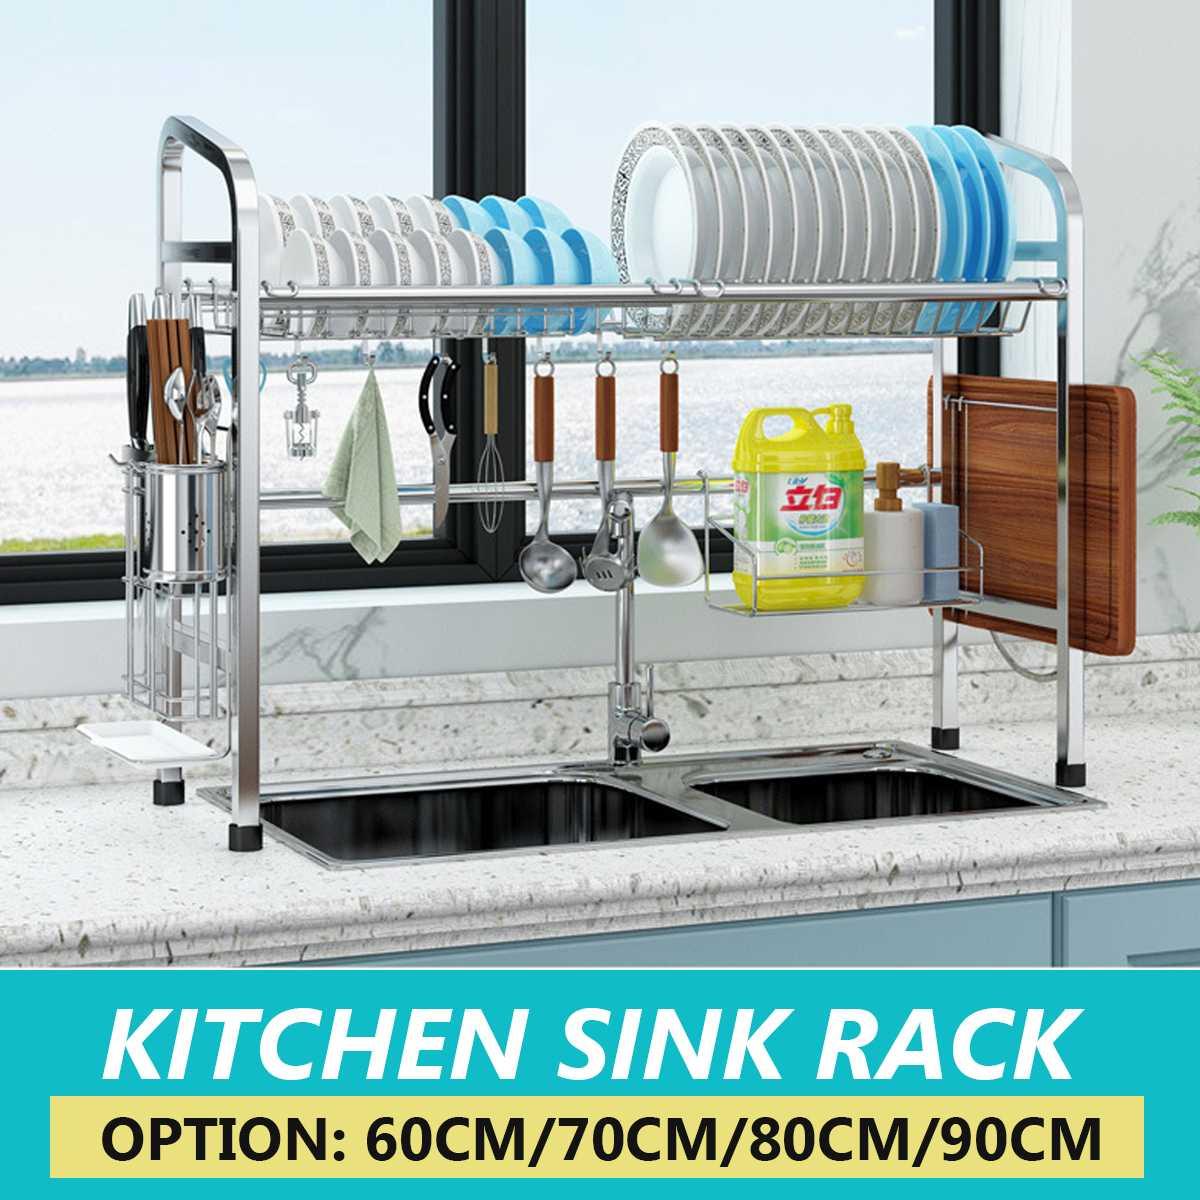 Utensilio-estante-secador-Soporte-Corte-sobre-estante-tablero grande-fregadero-plato-Inoxidable-instalación-Soporte-acero-Almacenamiento-cocina-escurridor